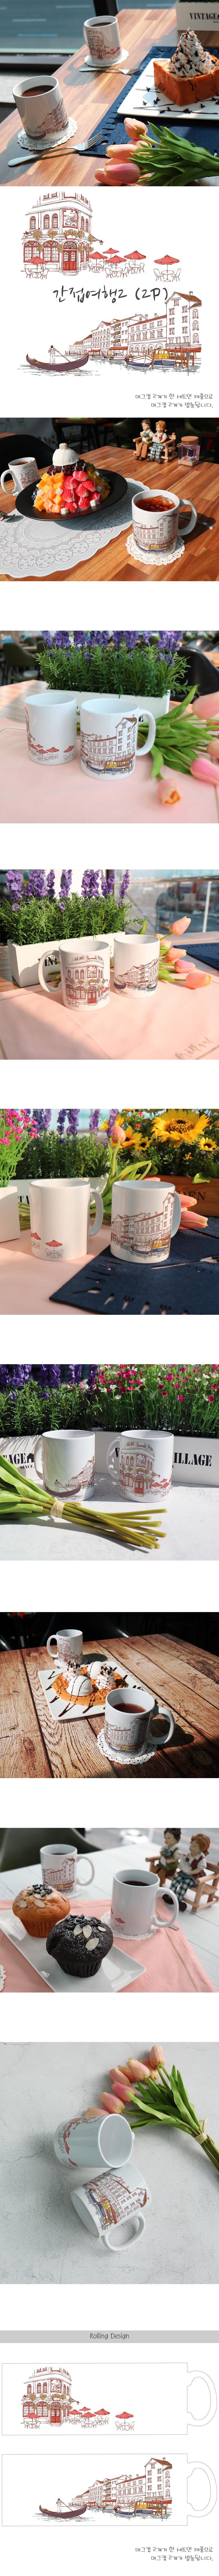 디자인머그컵2p-간접여행2 - 꾸밈, 14,400원, 머그컵, 머그컵 세트